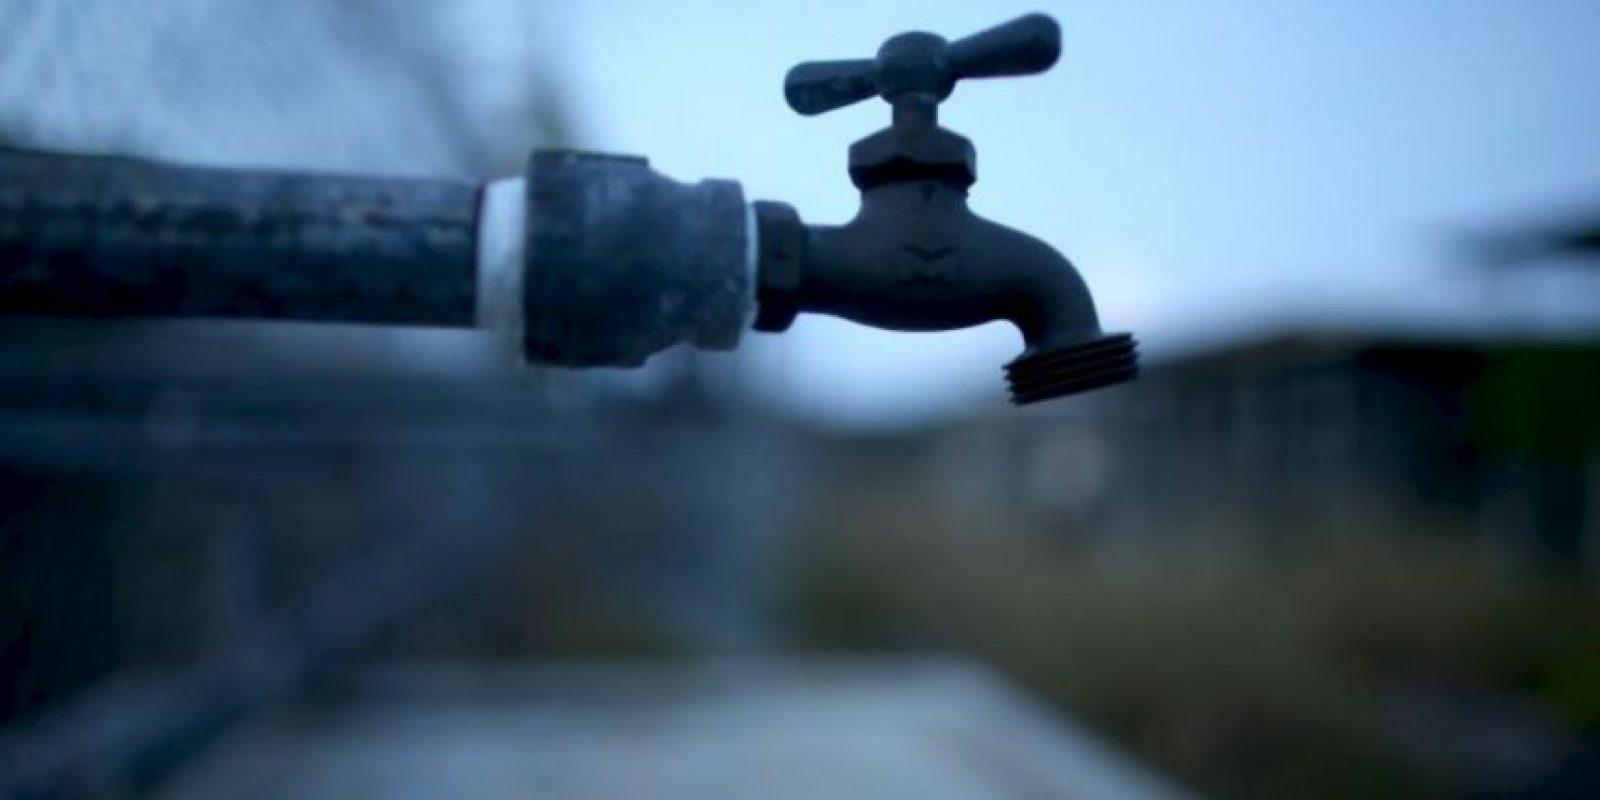 El agua, el saneamiento y la higiene tienen consecuencias importantes sobre la salud y la enfermedad, destaca la OMS. Foto:vía Getty Images